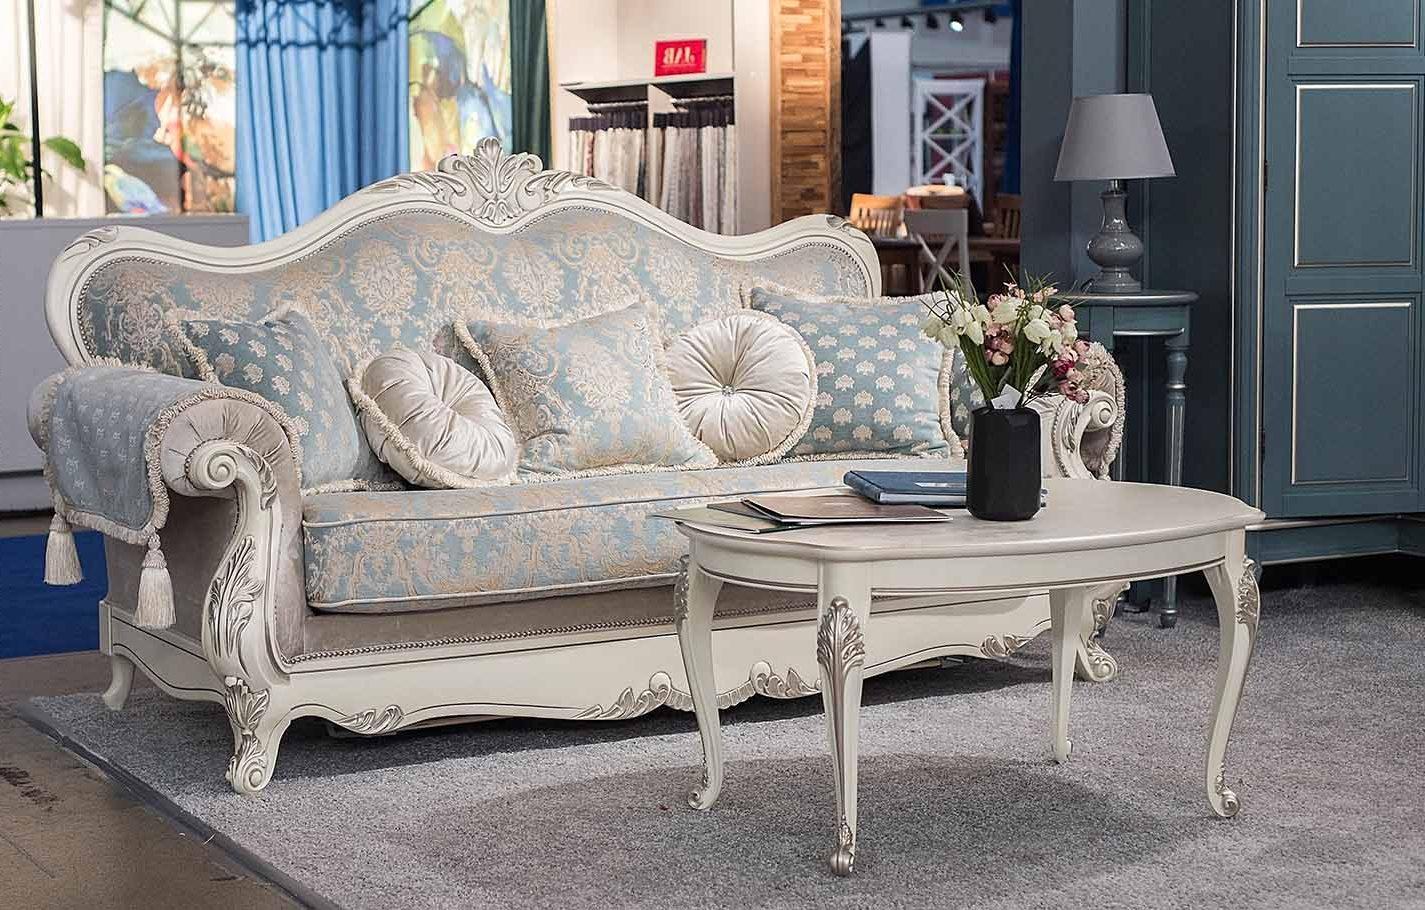 sofa-Imperia_23-e1548758565956